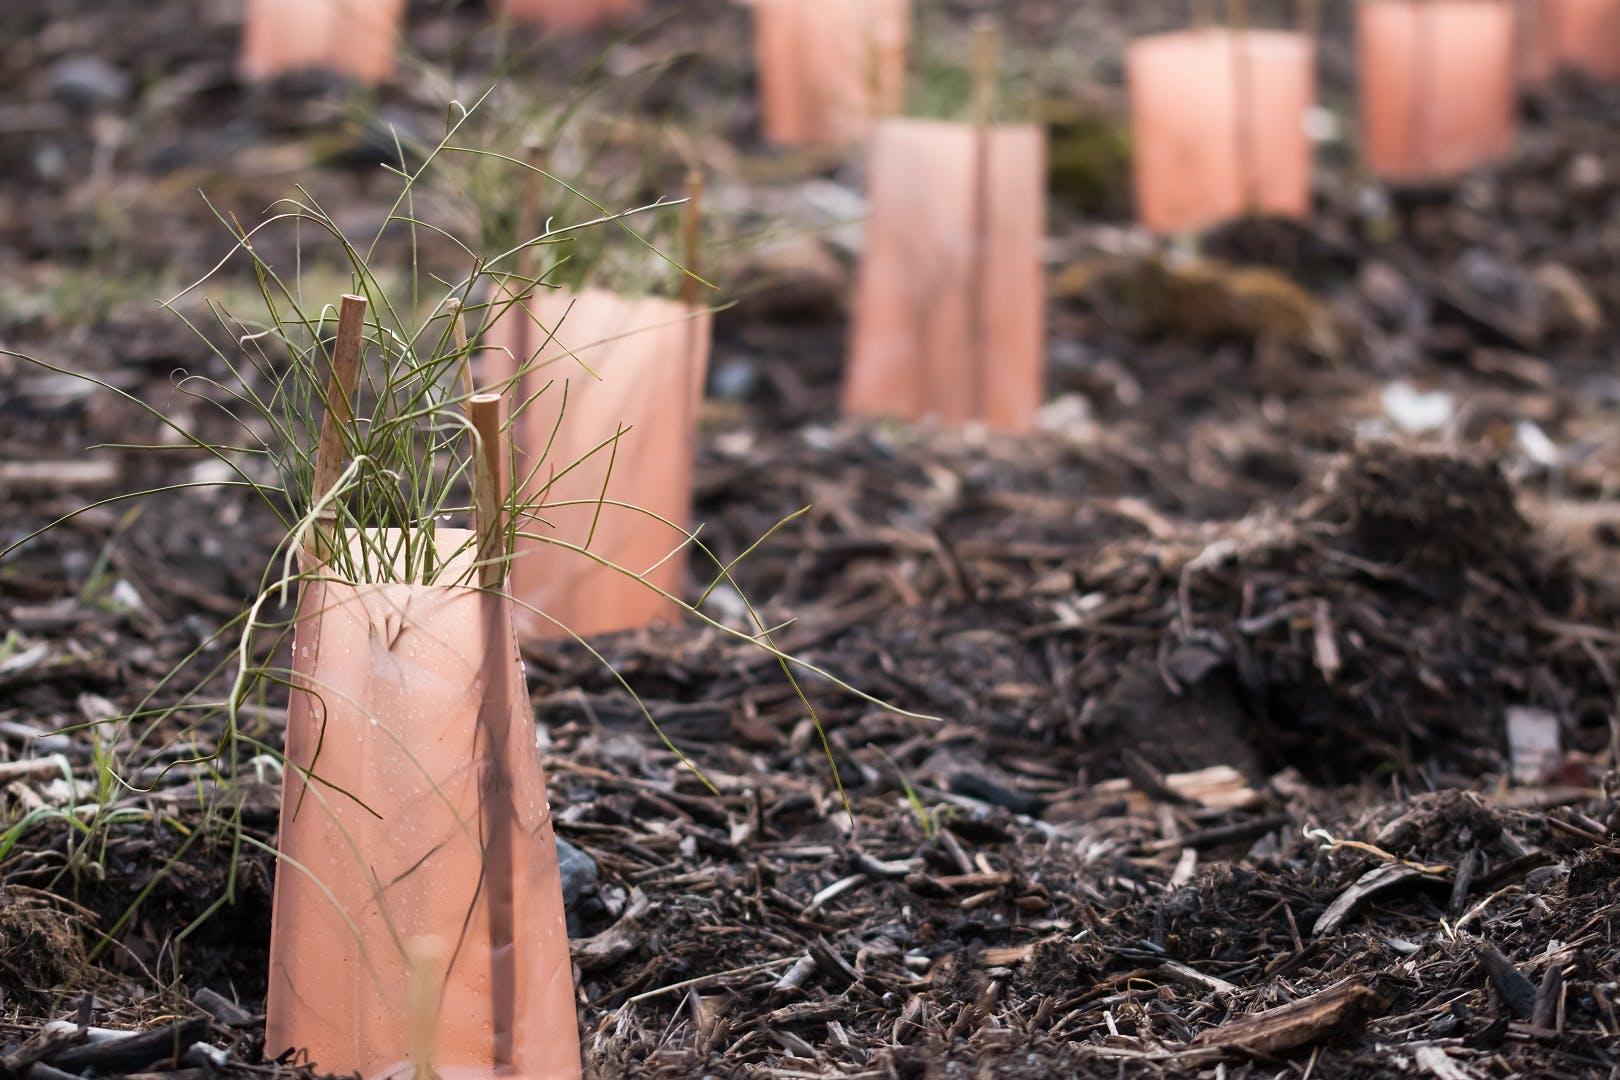 Biosolids on soil